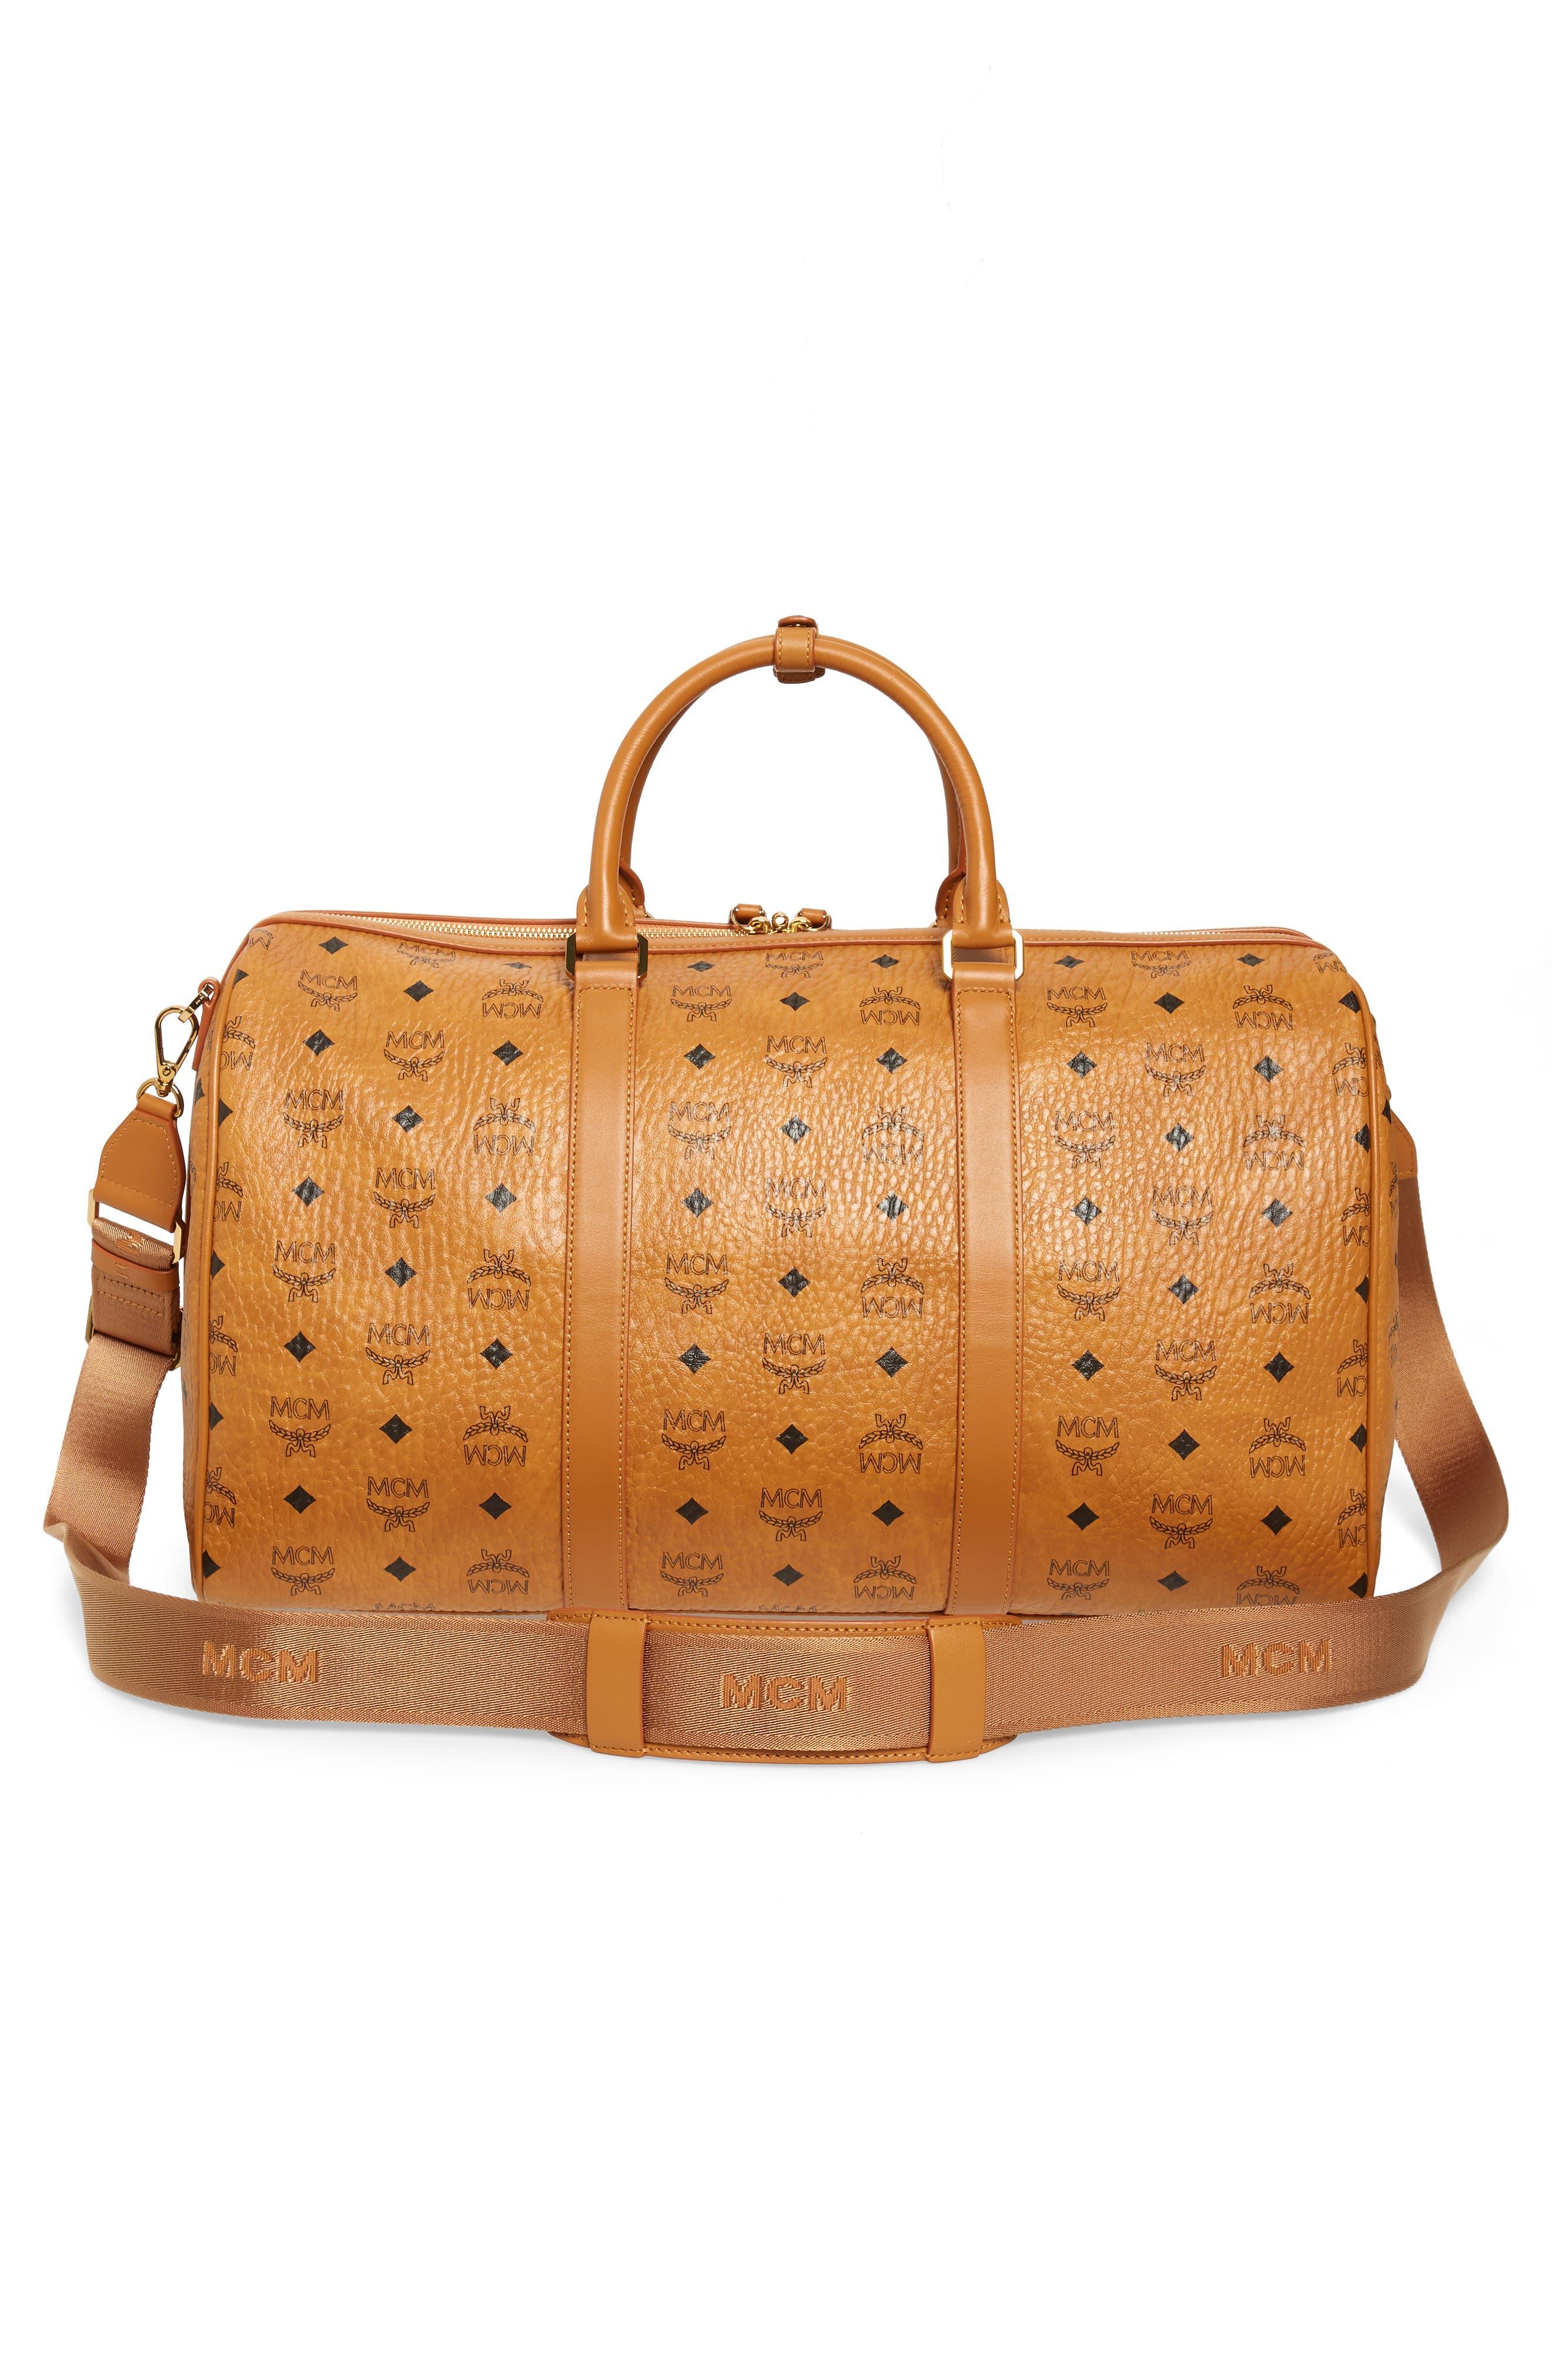 d8400c64ed7 MCM Handbags & Purses | Nordstrom